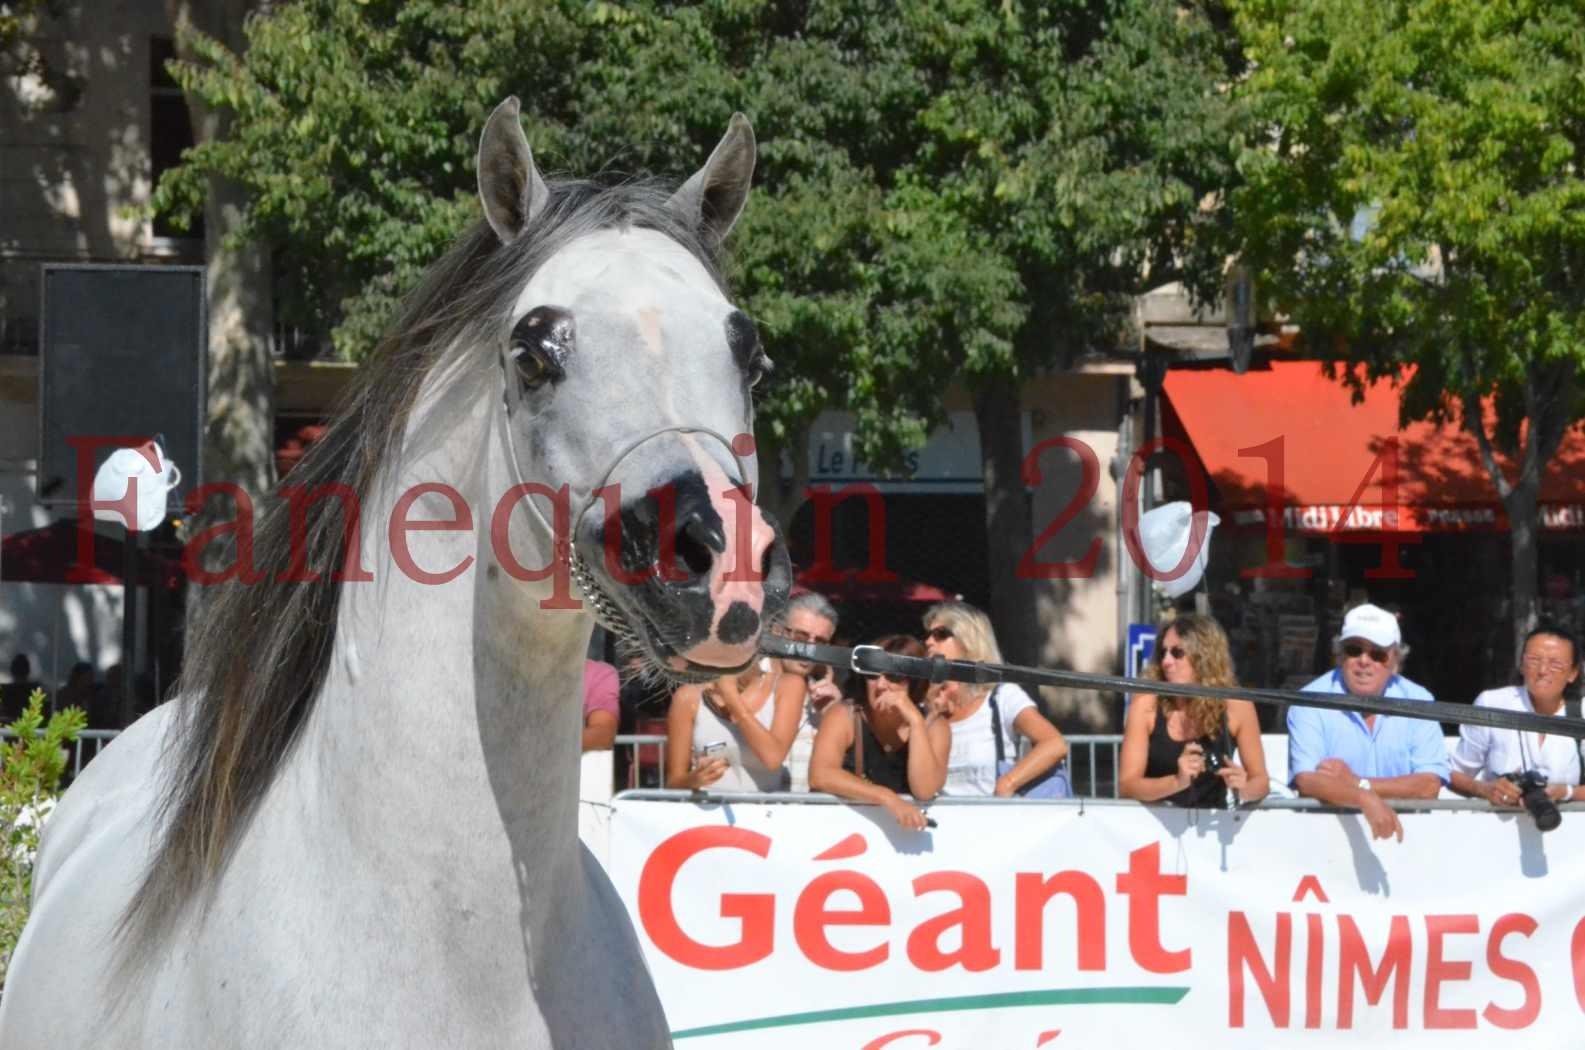 Concours National de Nîmes de chevaux ARABES 2014 - Sélection - SHAOLIN DE NEDJAIA - 14